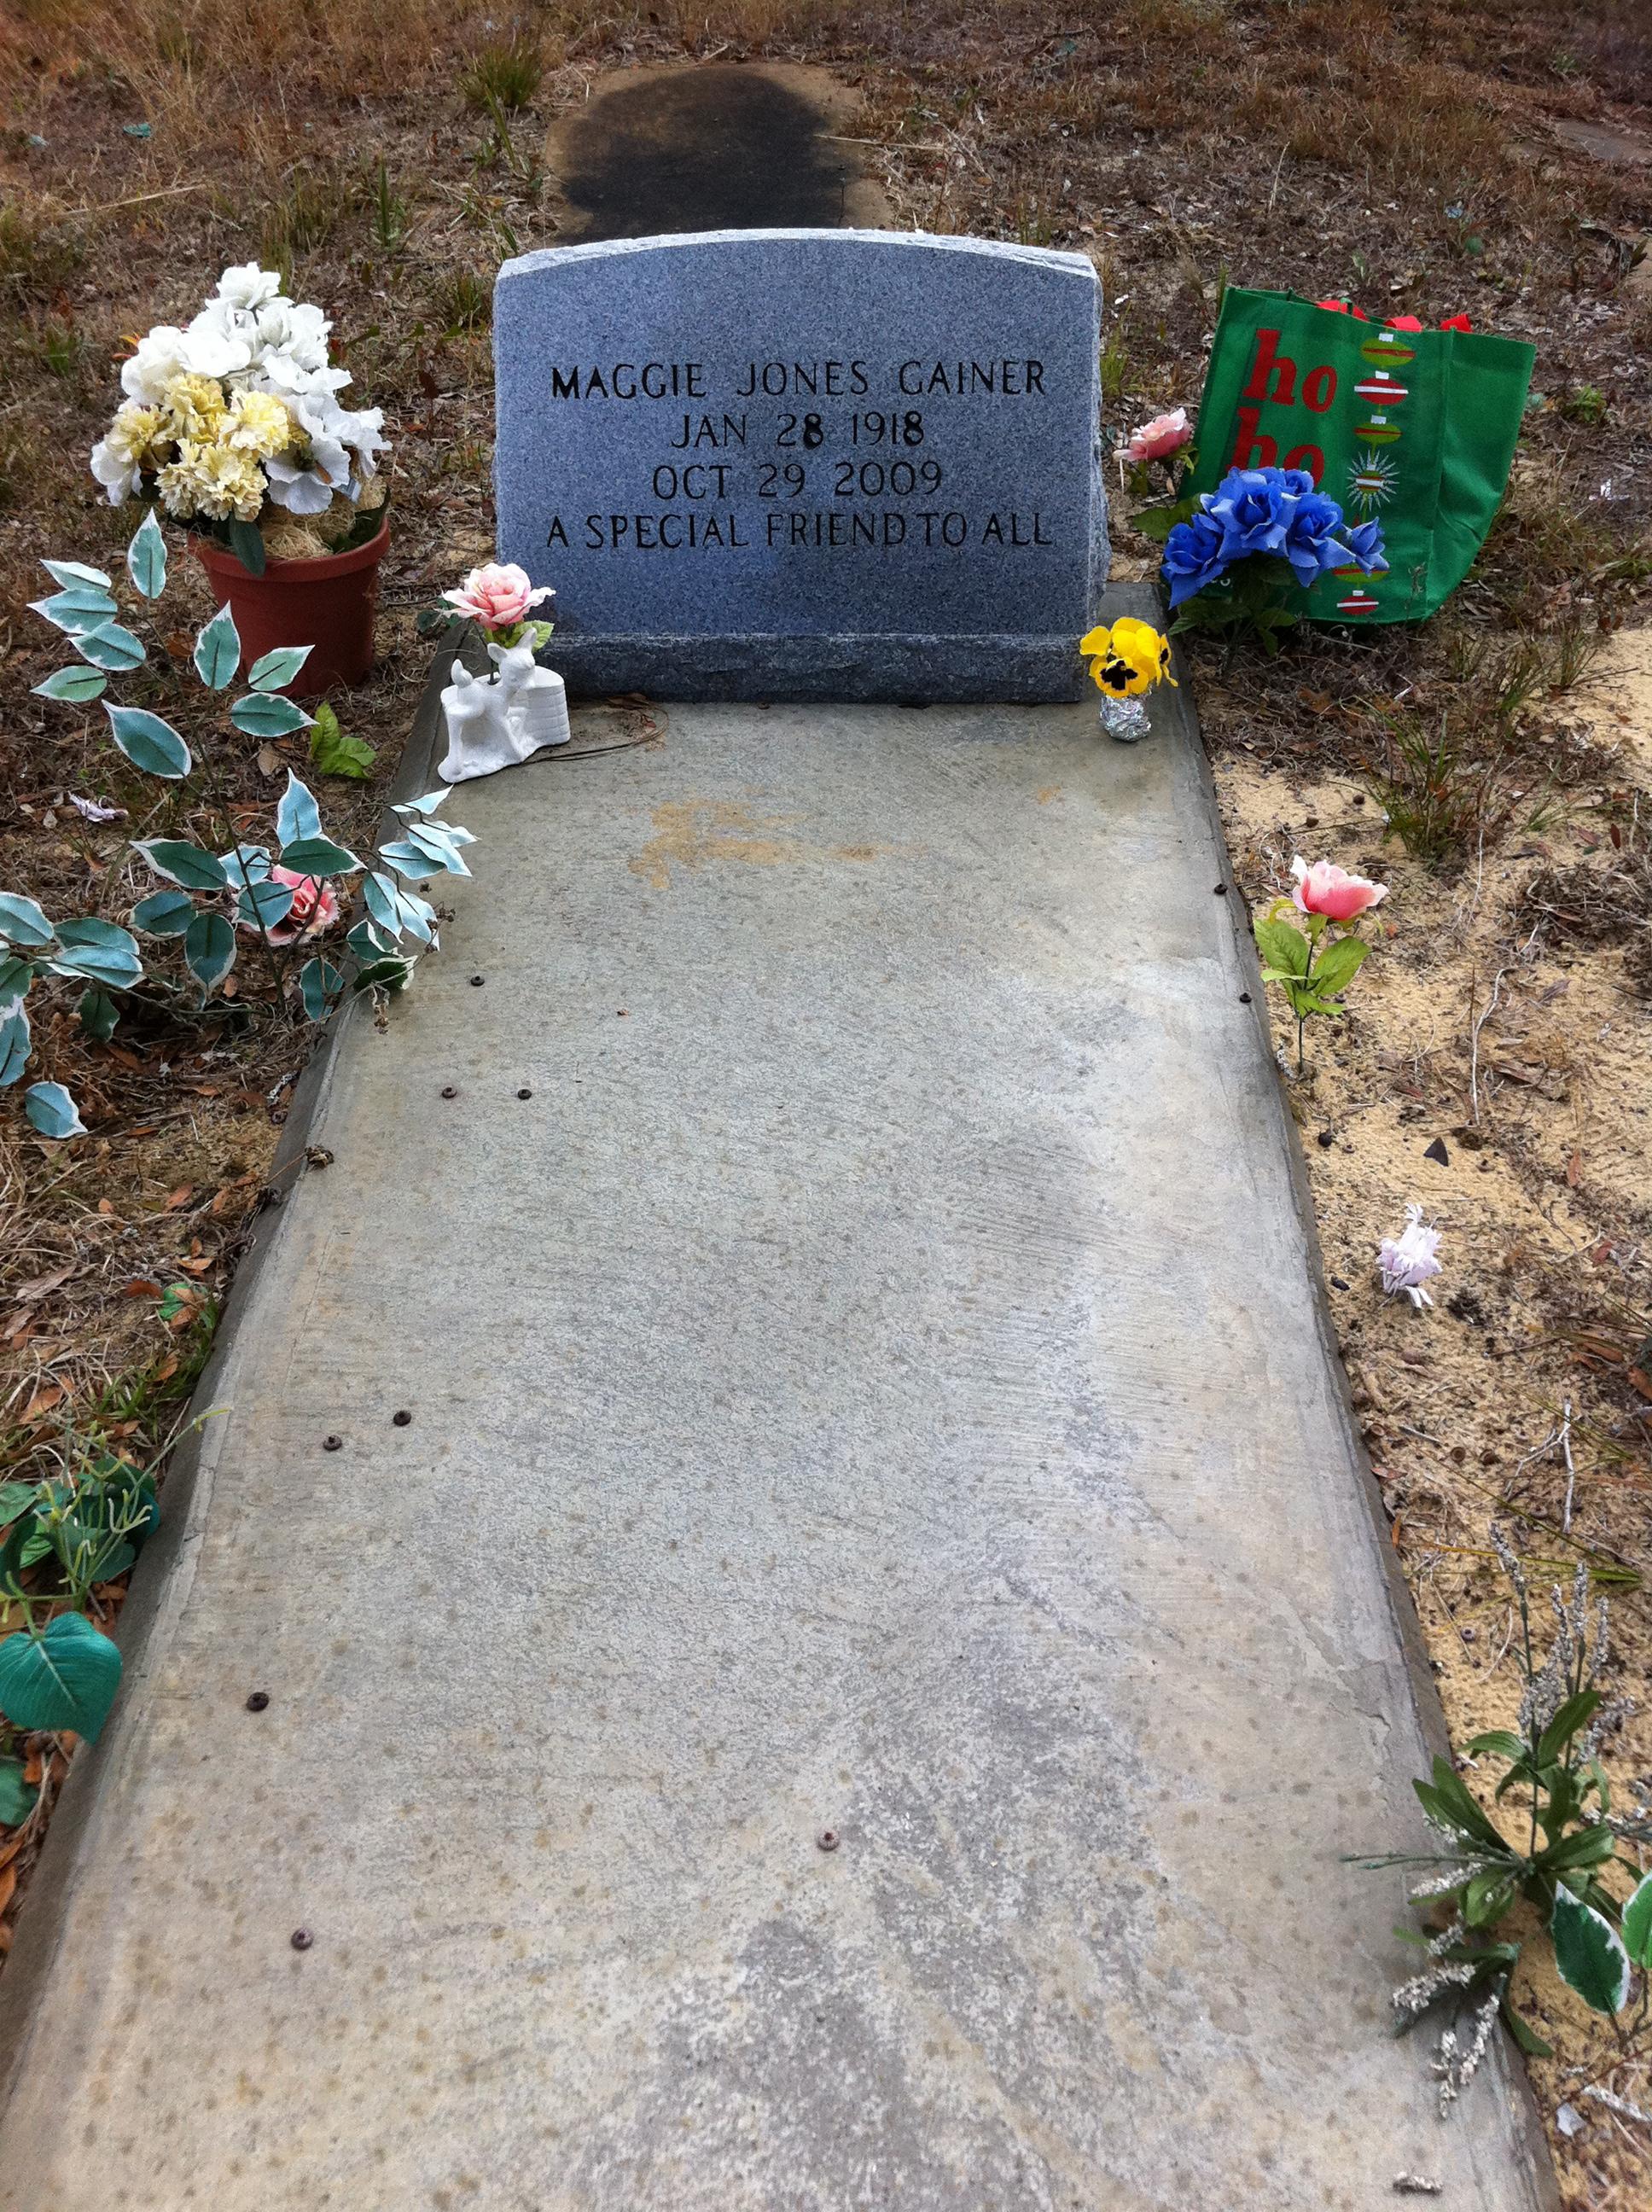 Maggie Jones Gainer